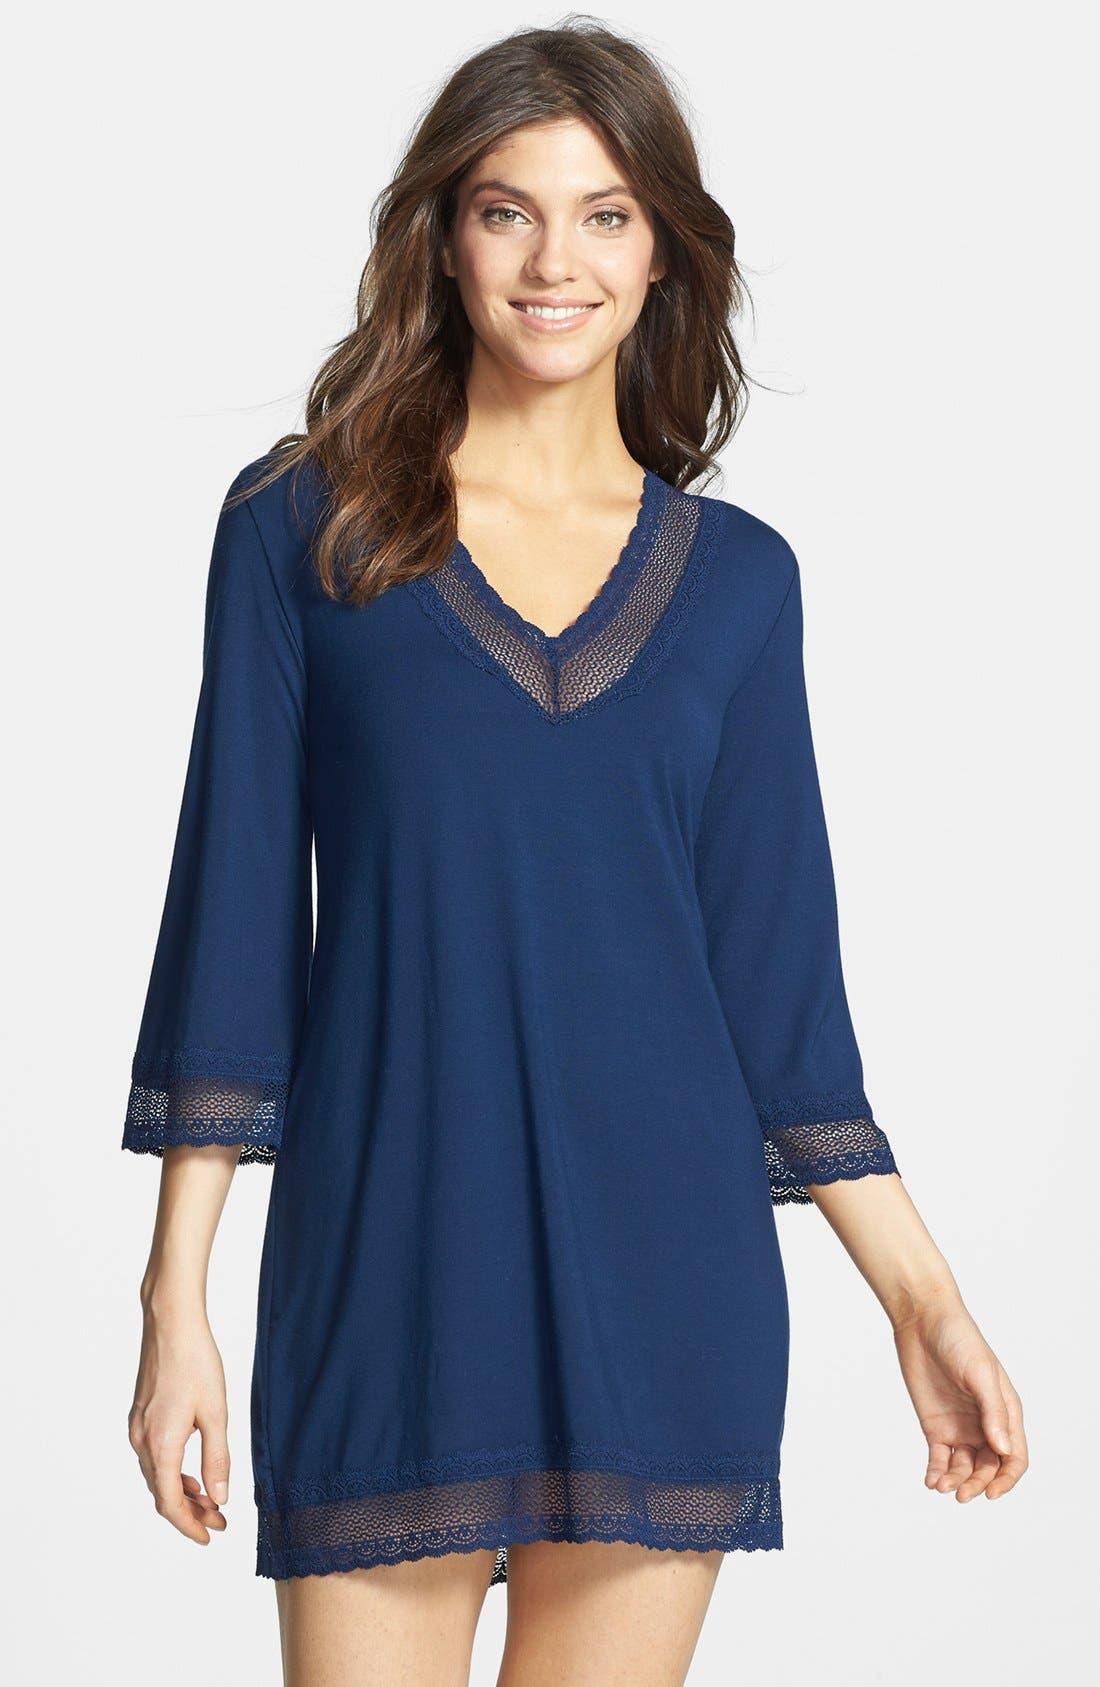 Main Image - Eberjey 'Gisele' Jersey Tunic Sleep Shirt